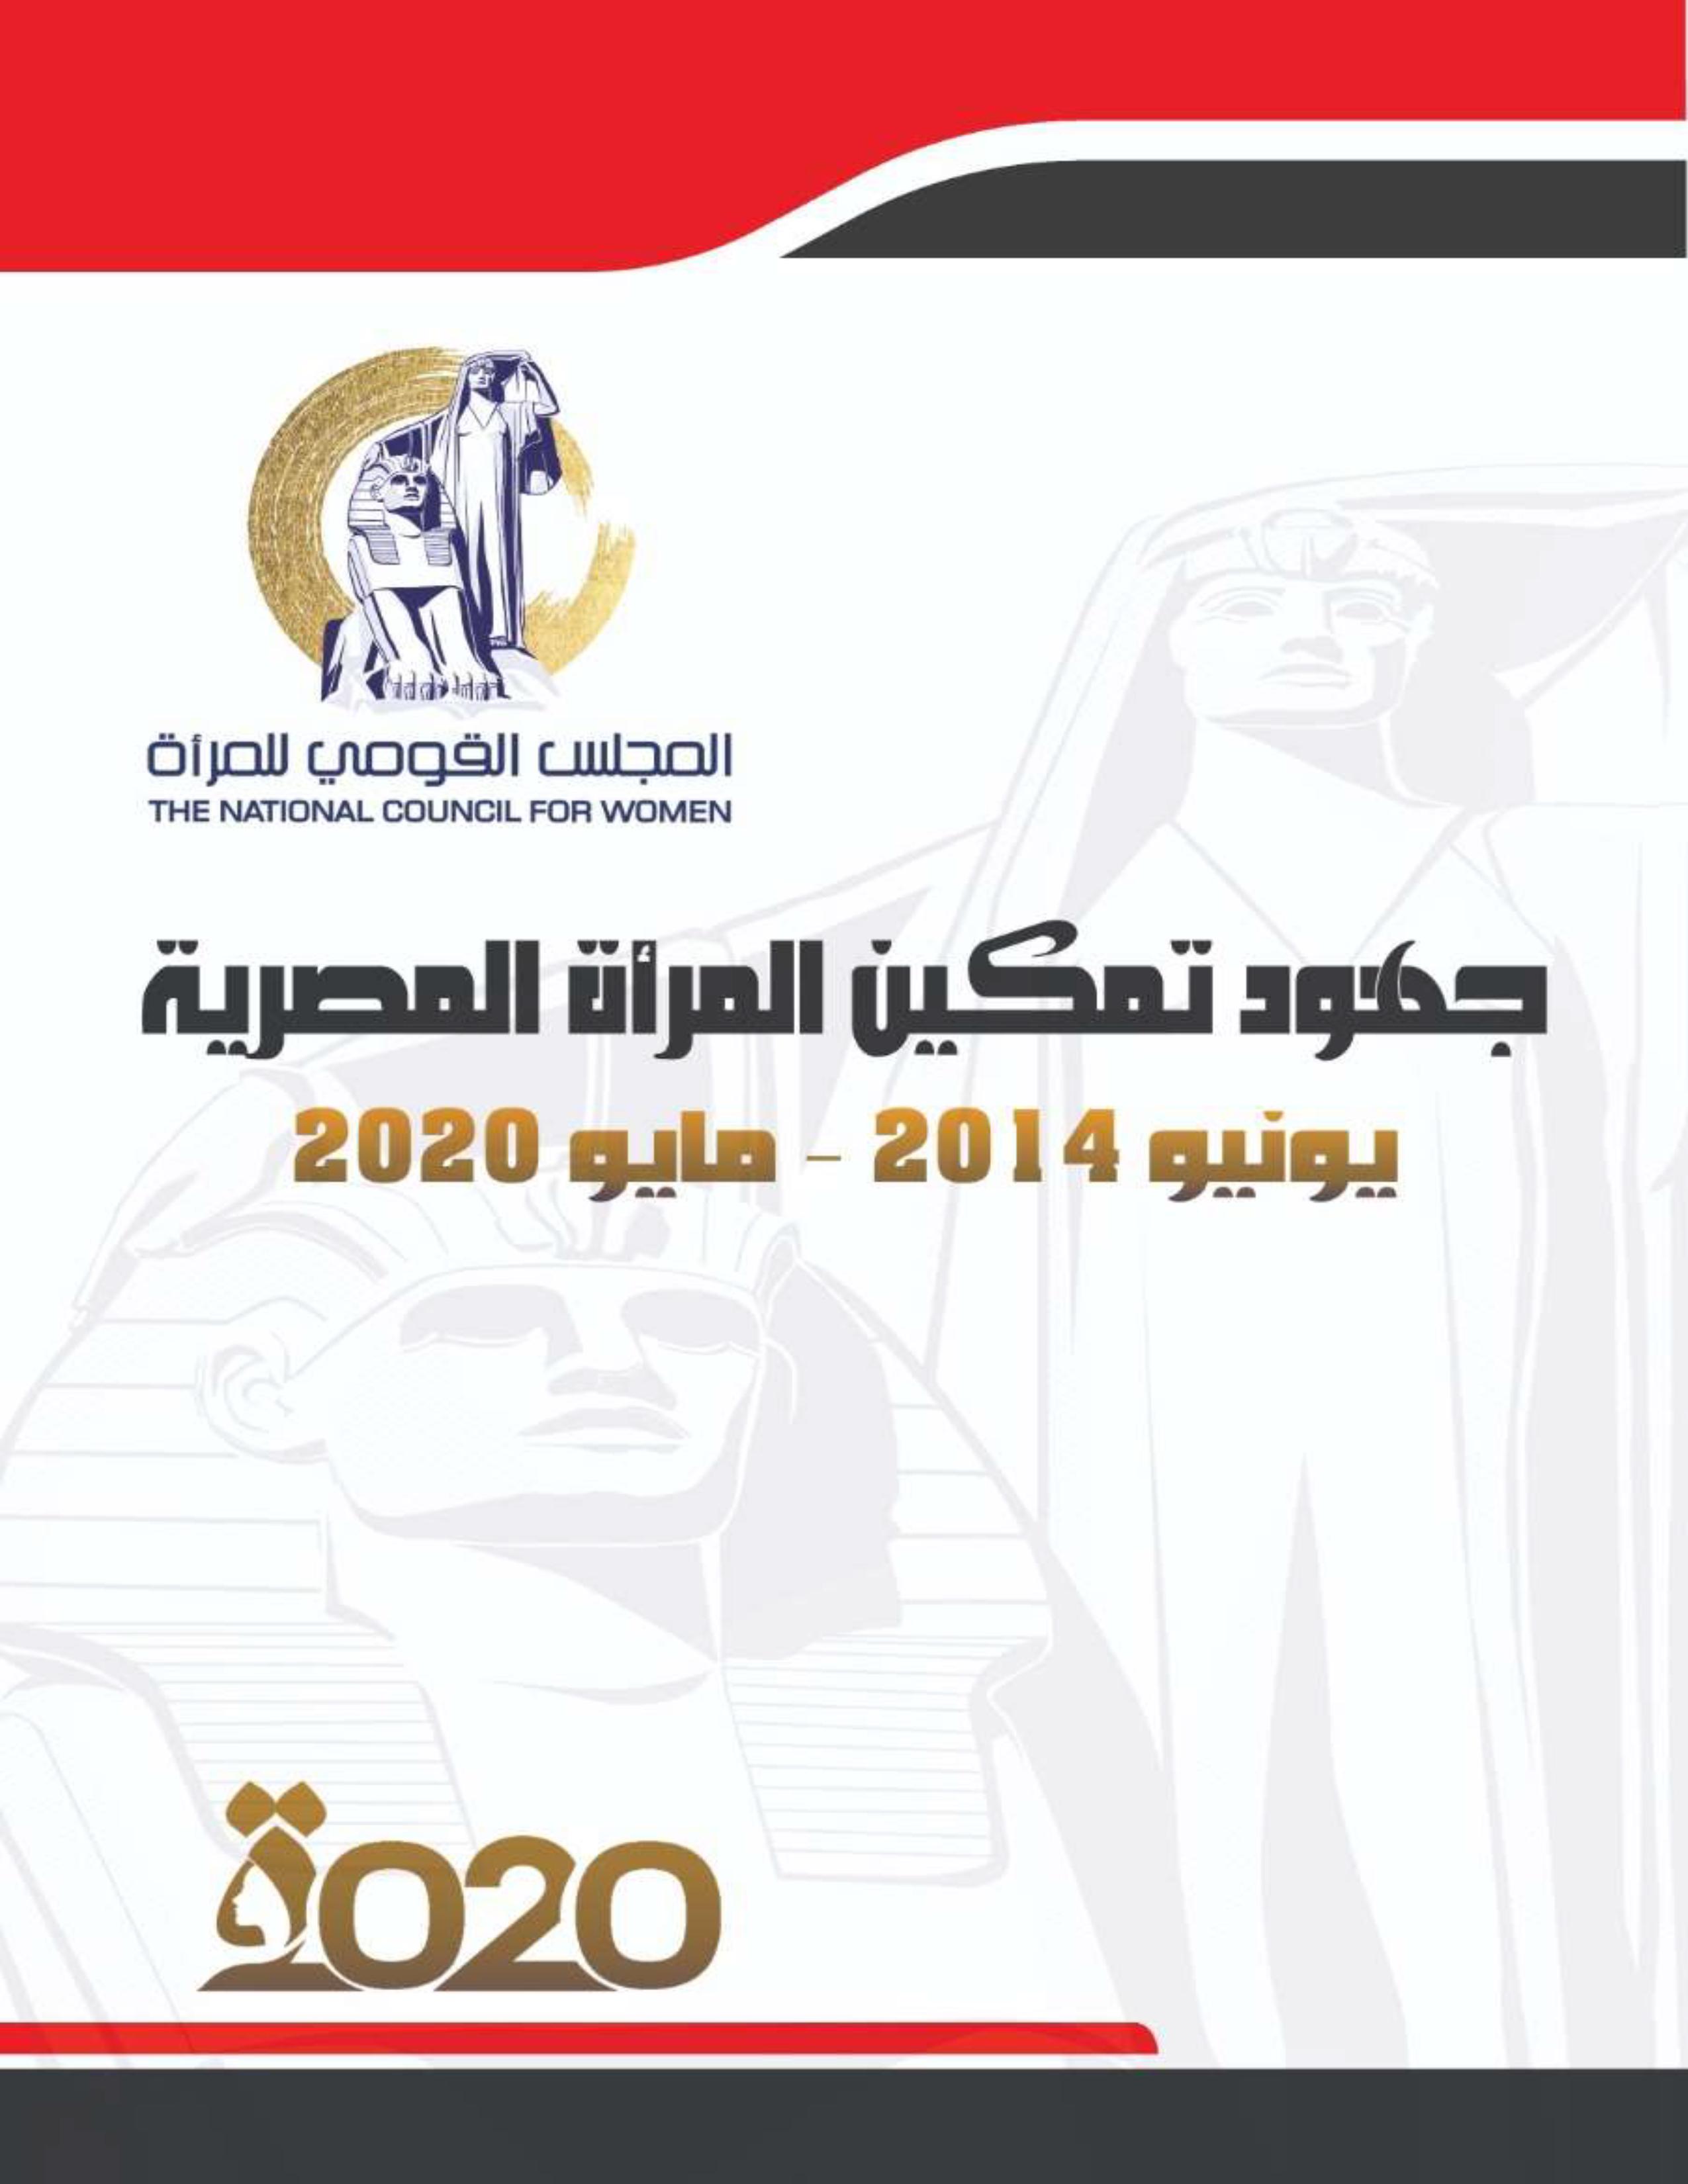 ملف يتضمن جهود جمهورية مصر العربية لتمكين المرأة المصرية